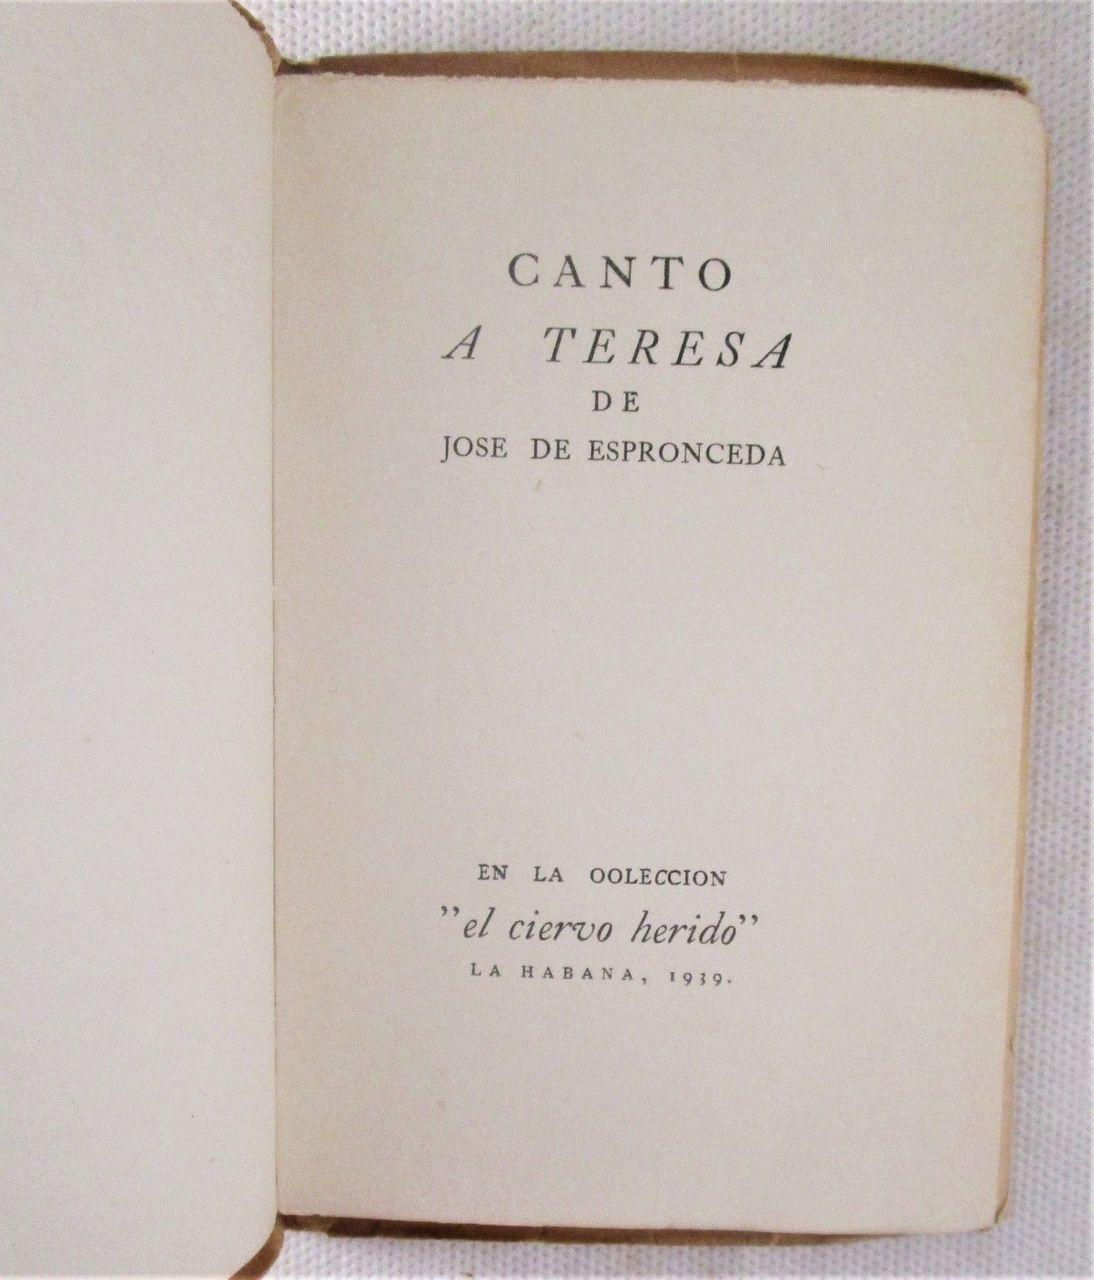 CANTO A TERESA, by Jose de Espronceda - 1939